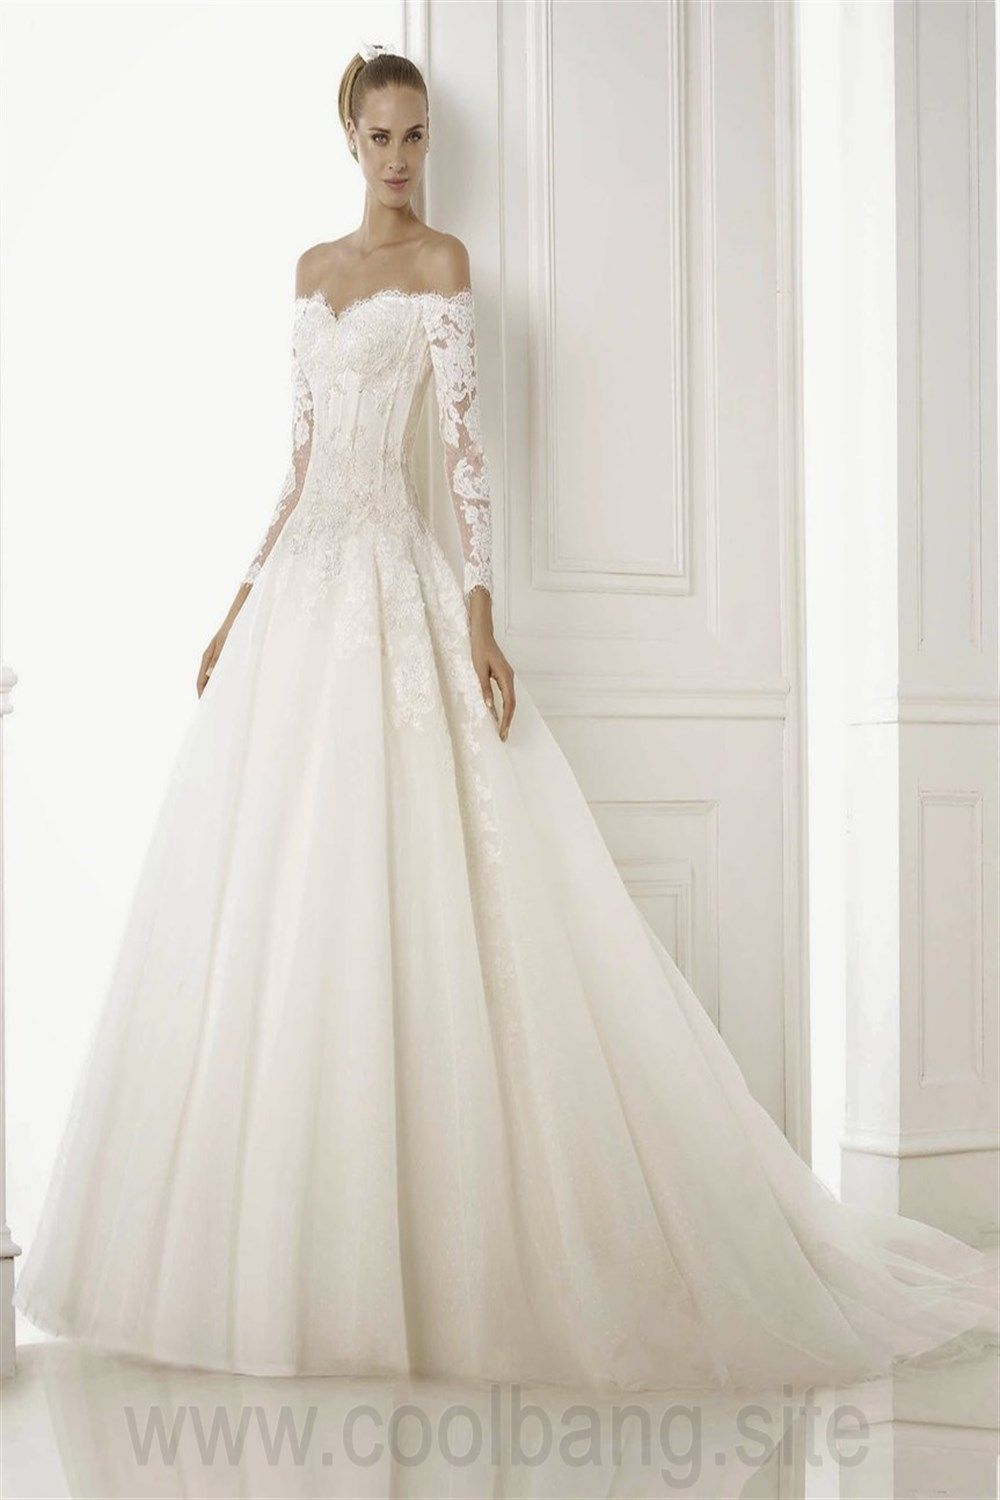 brautkleid macys brautkleider uk gebraucht in 15  Brautkleid